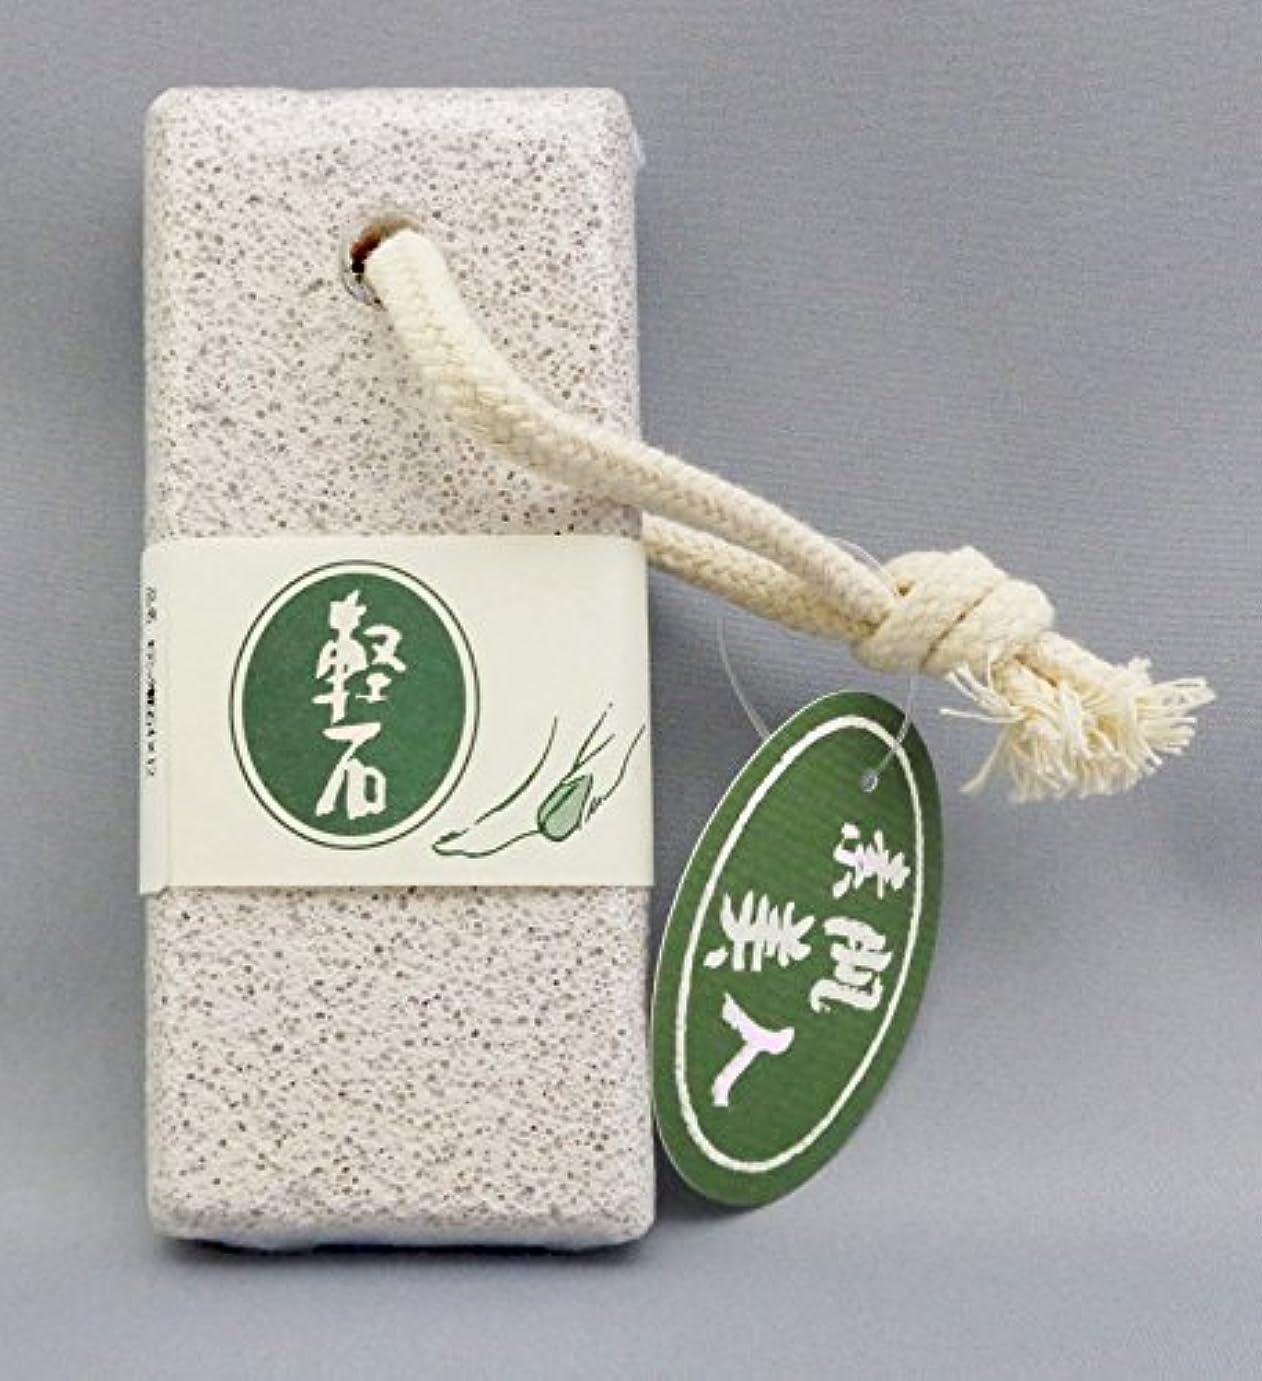 コンペ漁師消防士シオザキ No.19 セラミック軽石 4x12 天然丸軽石 ヒモ付